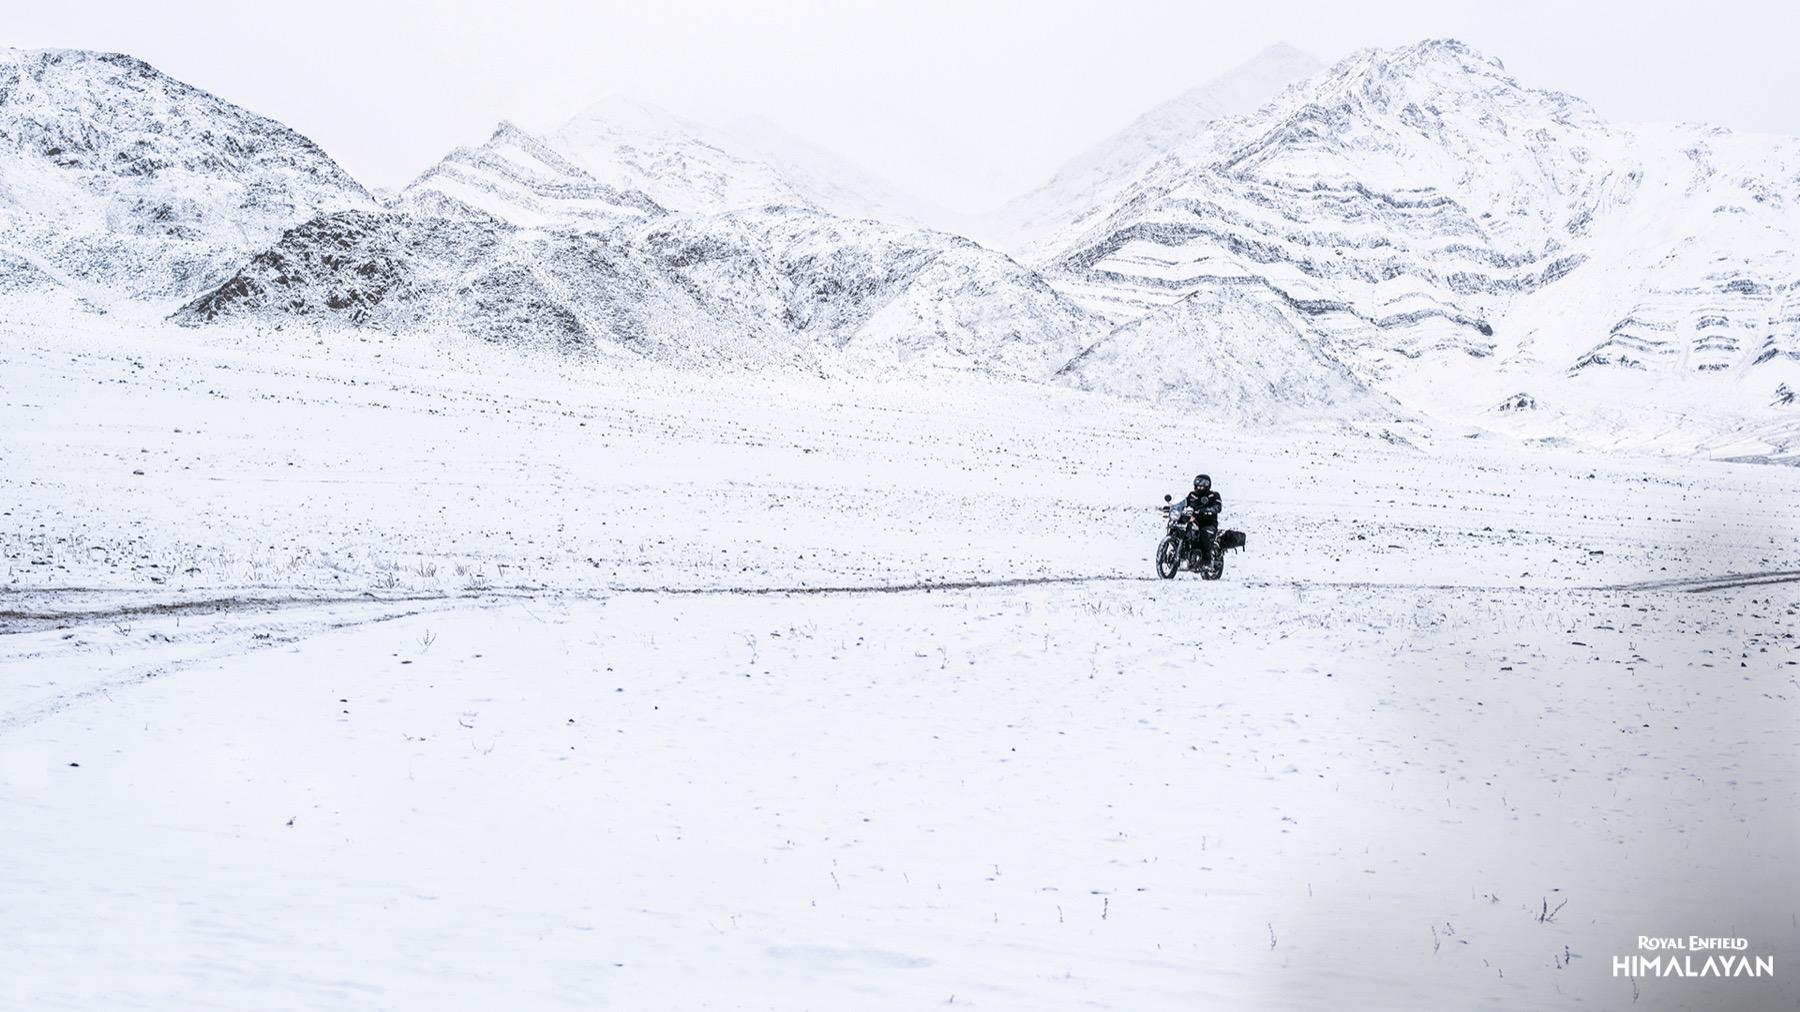 Fotos Royal Enfield Himalayan 2017